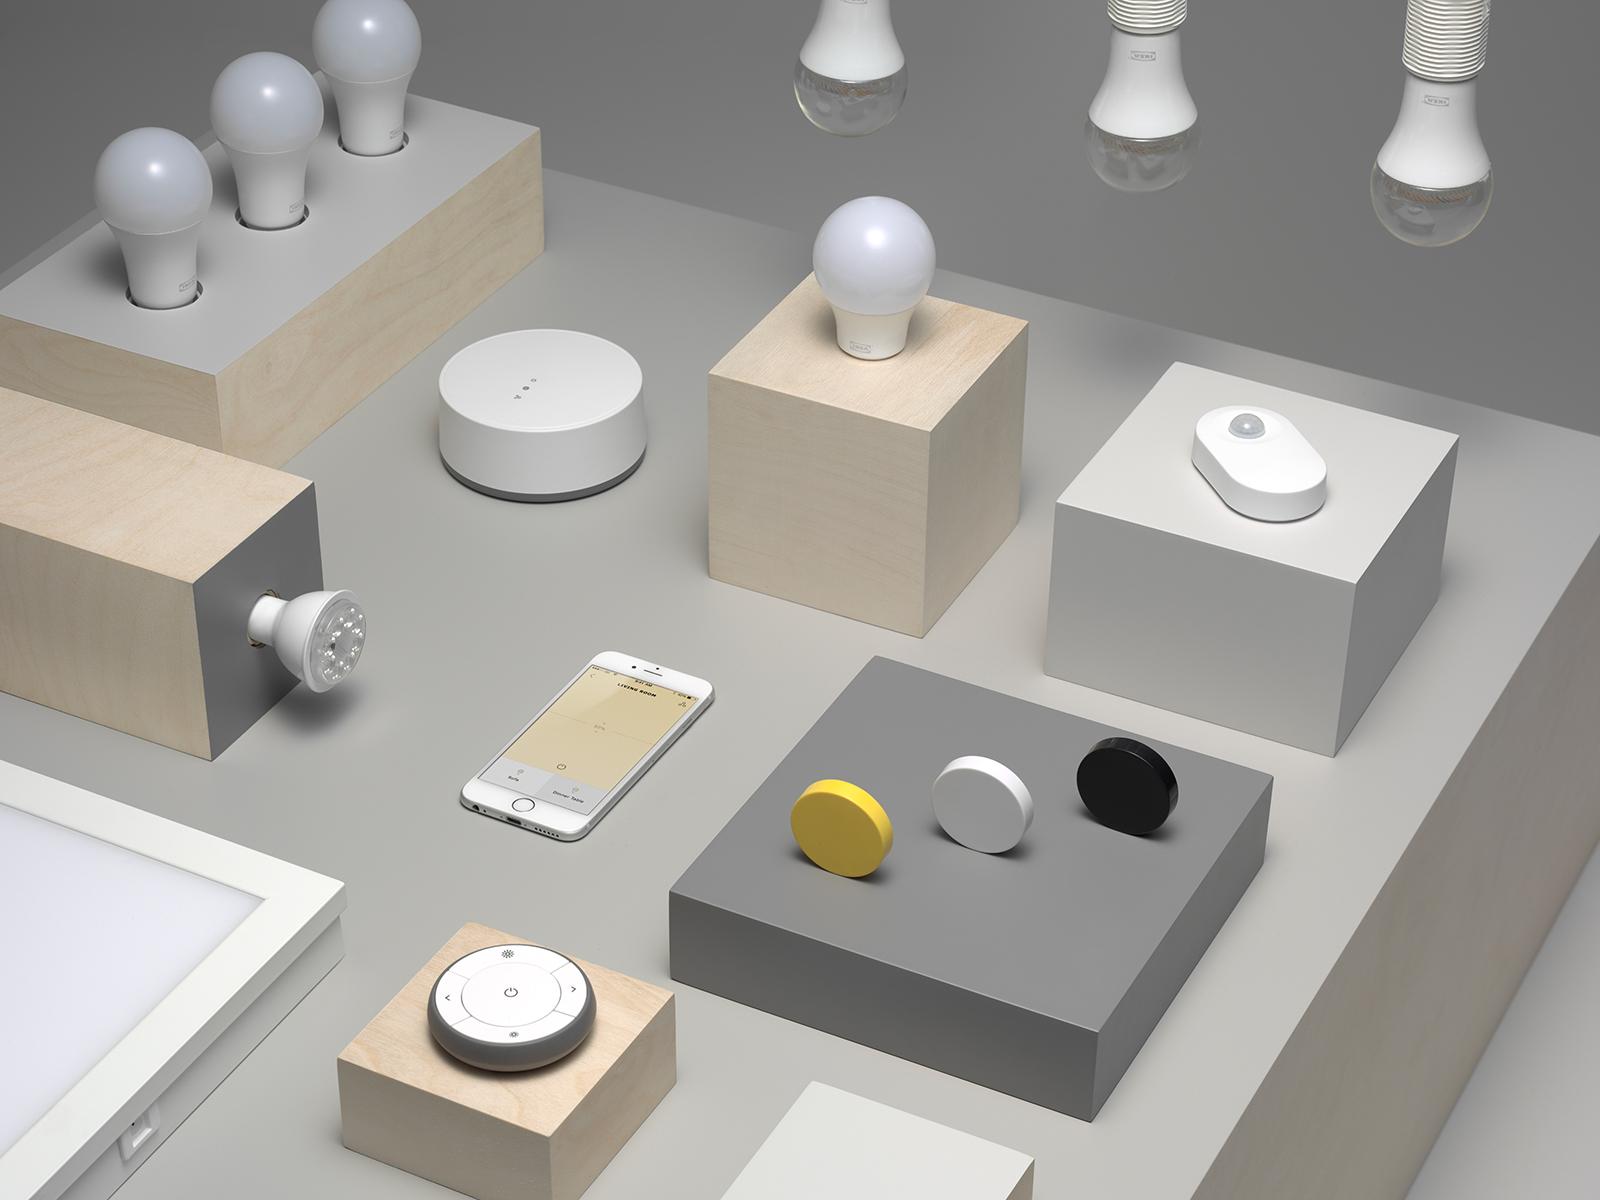 Снимка на продукти на Ikea